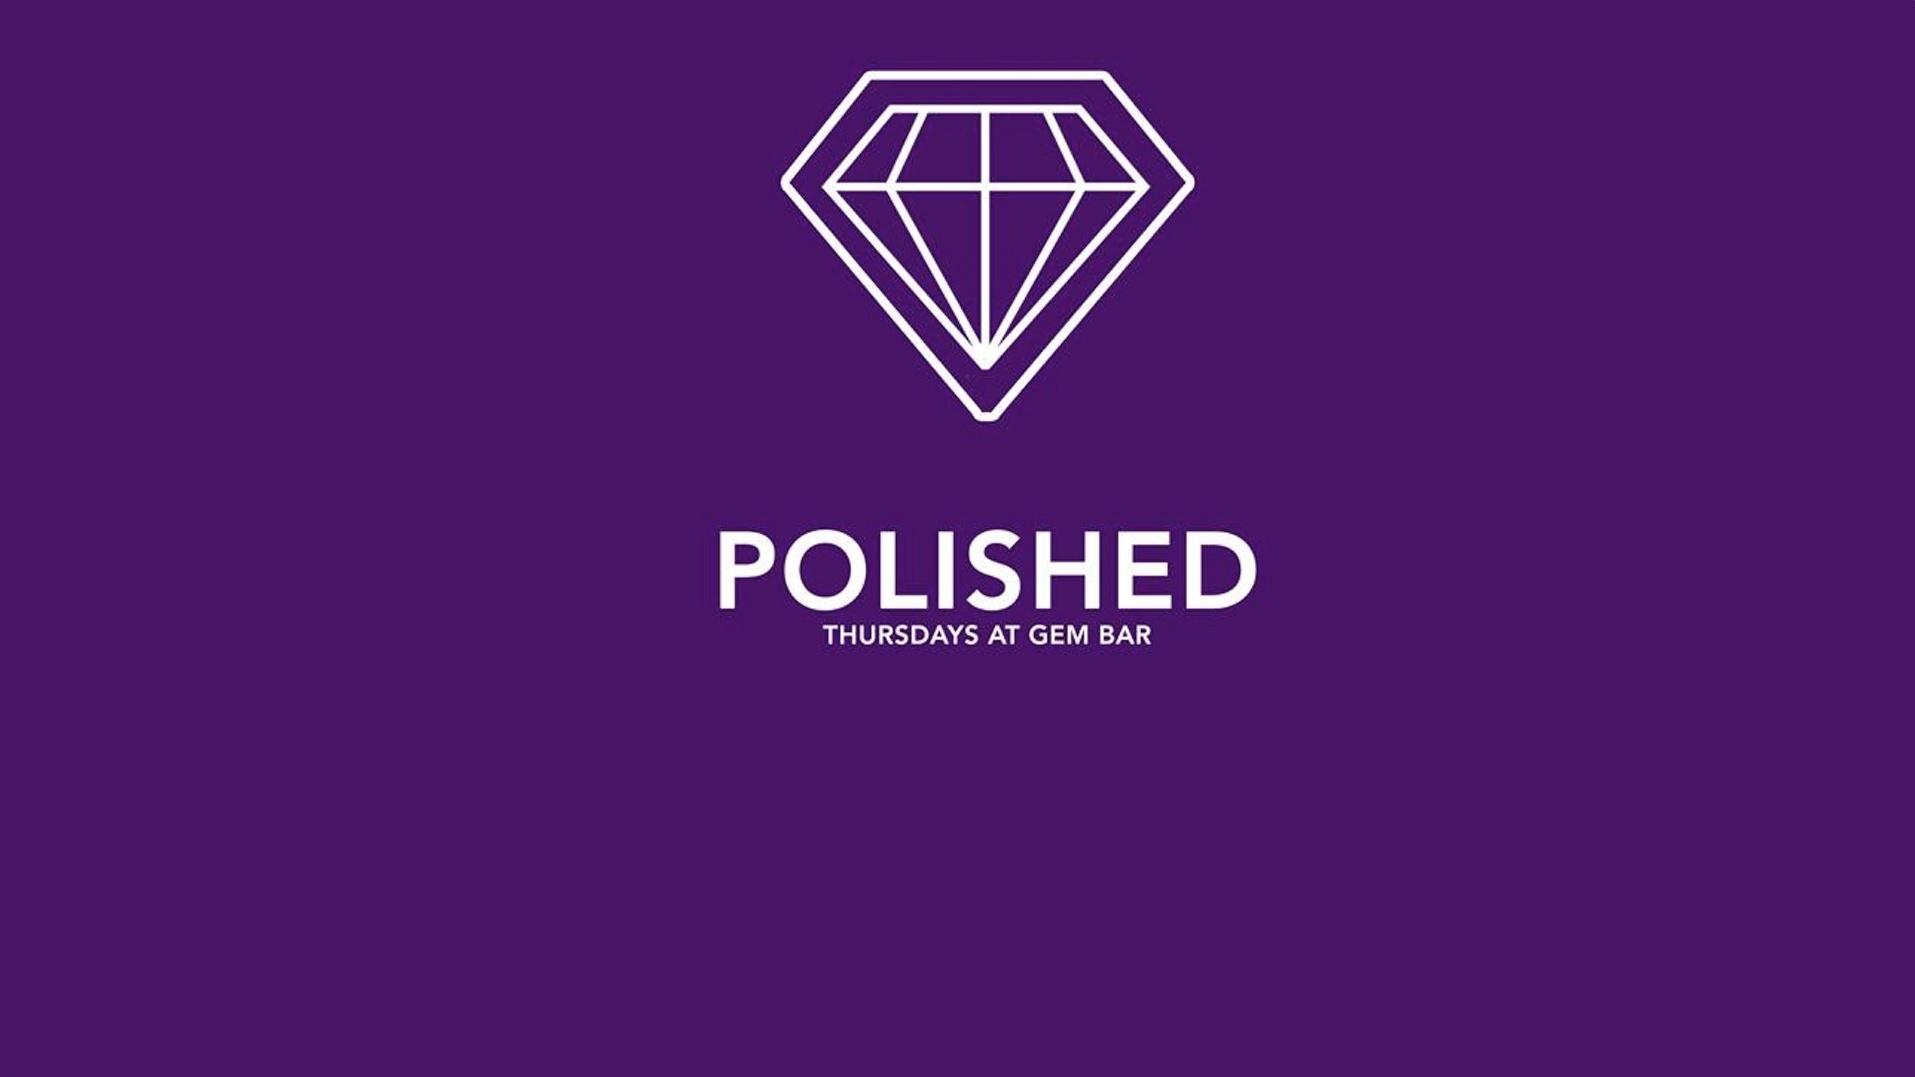 Polished